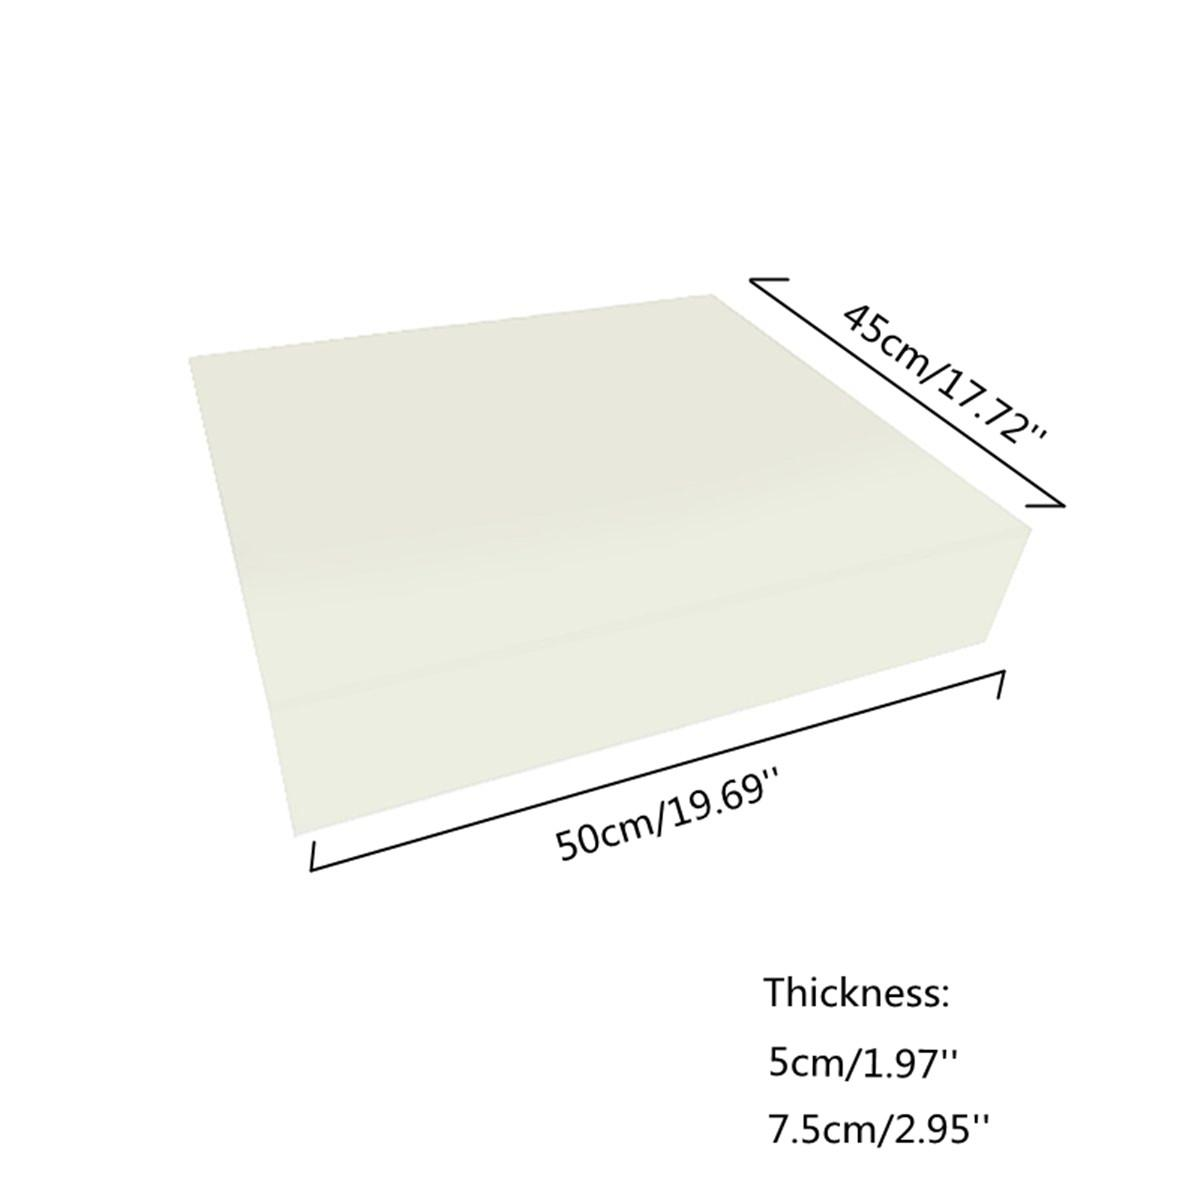 Feuille de coussin tapisserie d'ameublement de haute densité en caoutchouc mousse coussin de rechange blanc écologique Coussin Sofa éponge Pad Mat 18x20 « »